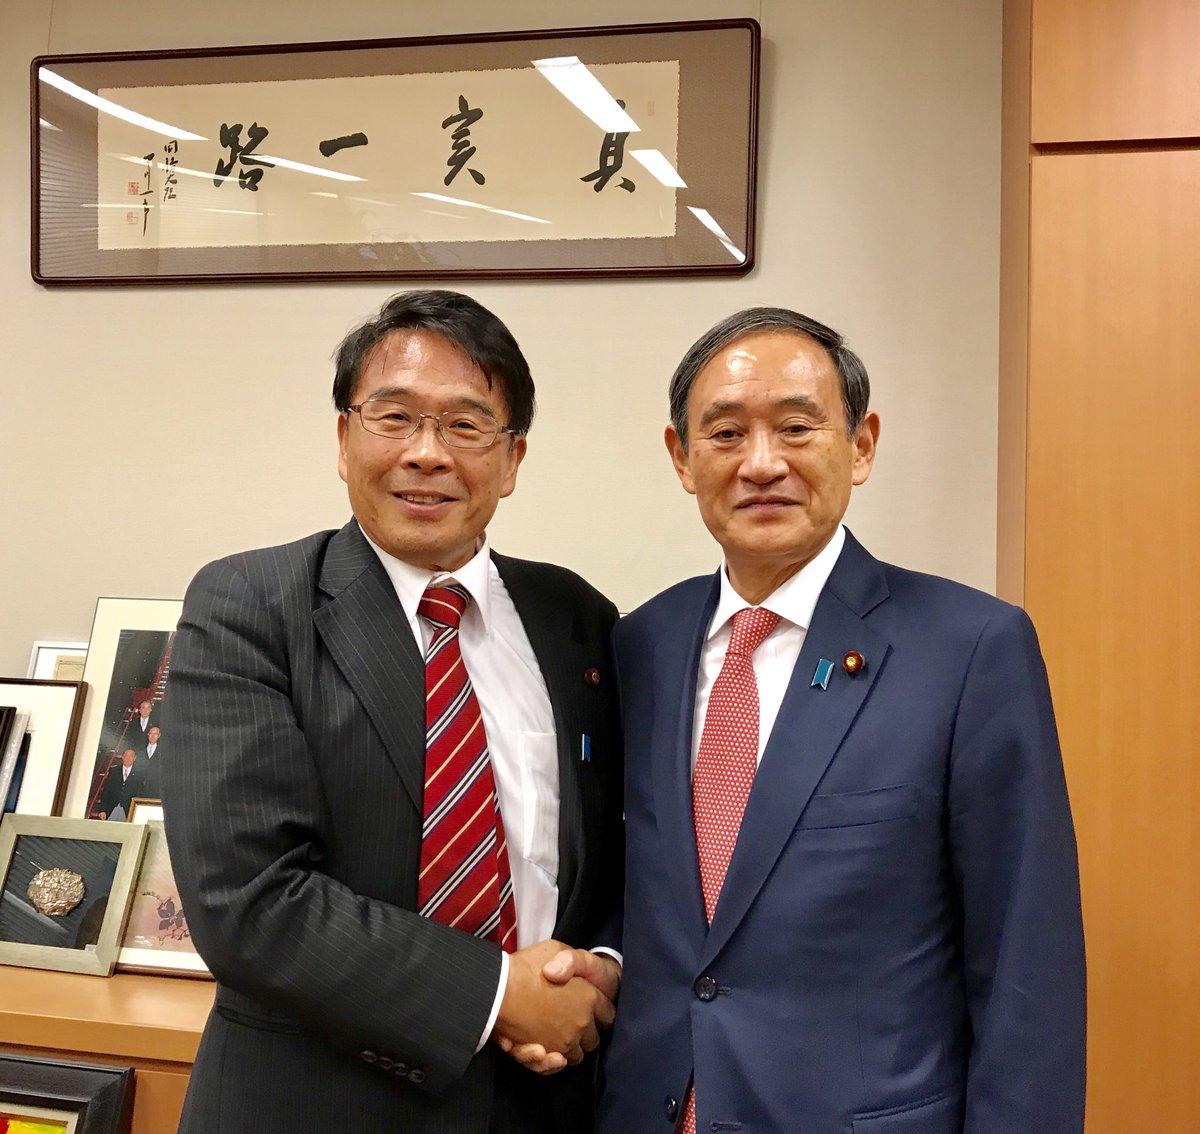 test ツイッターメディア - 拉致担当大臣に就任された菅義偉官房長官が、私の事務所にご挨拶にお越しになりました。 普段は対立することが多い与野党ですが、日本人拉致被害者救出に向けて、オールジャパン体制で北朝鮮に臨む必要があります。 分断された家族が一日も早く再開できるよう、政府の力強い行動を求めます。 https://t.co/smohhdEafj